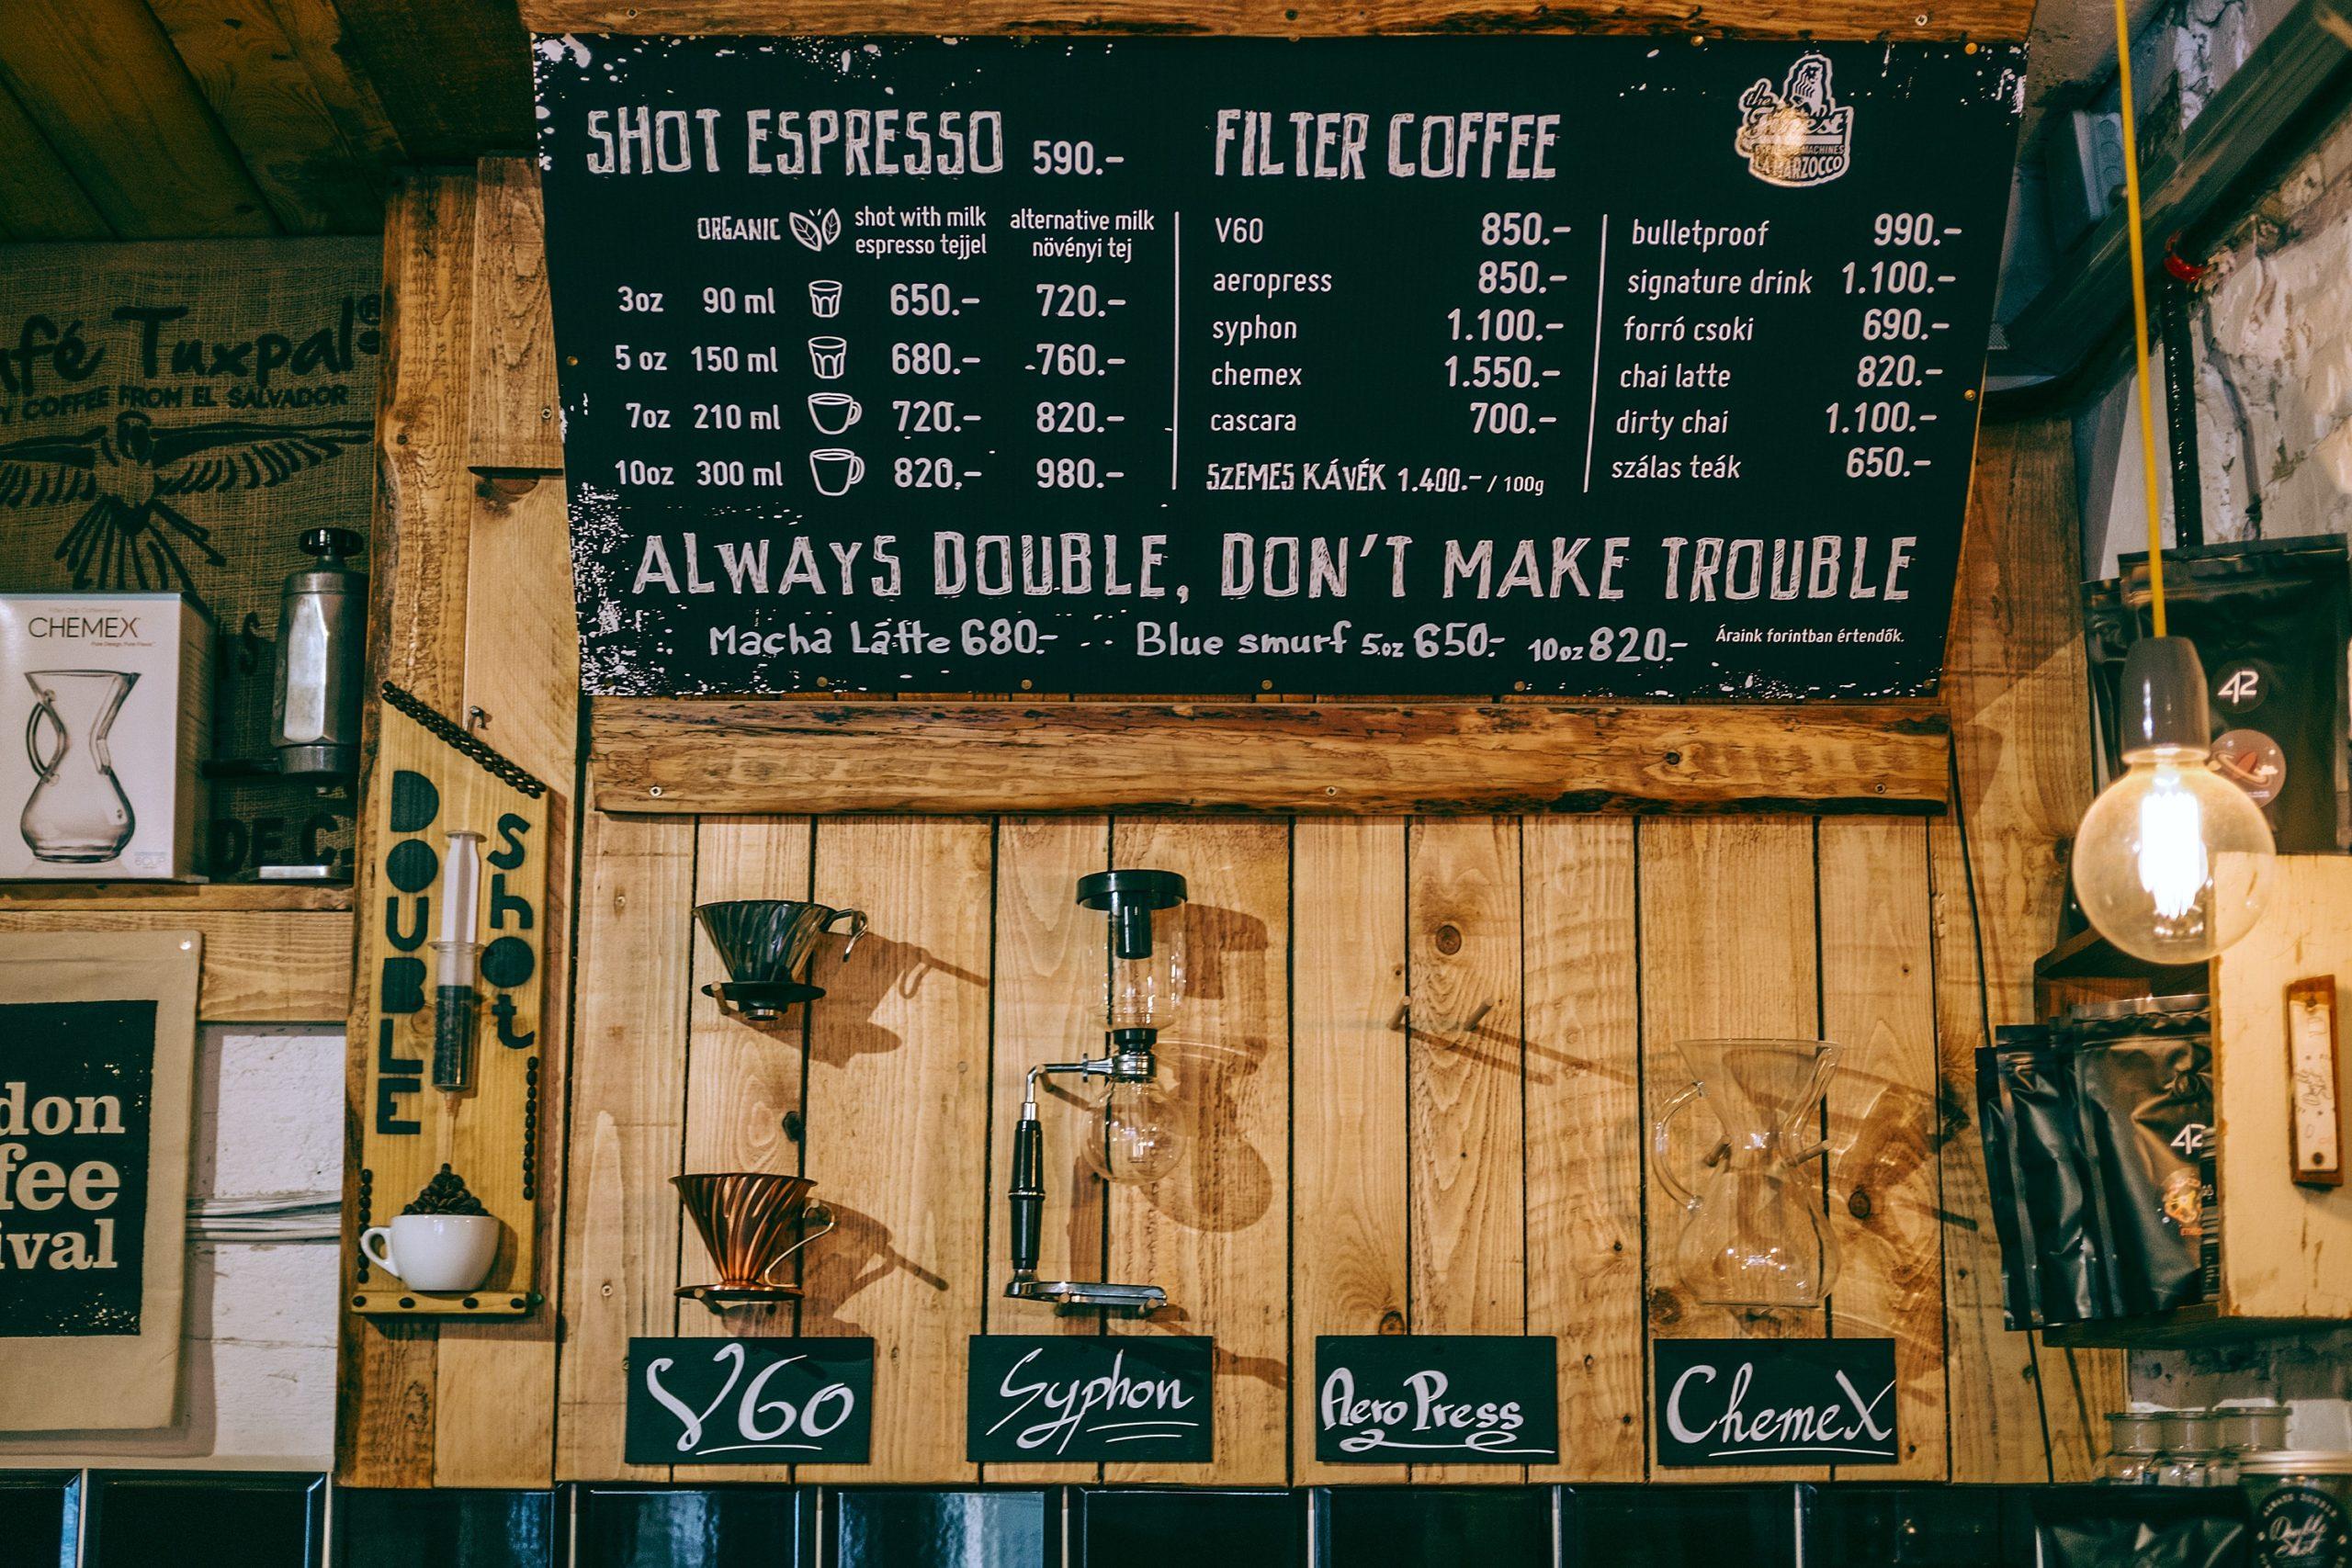 barista-kaffee-bild